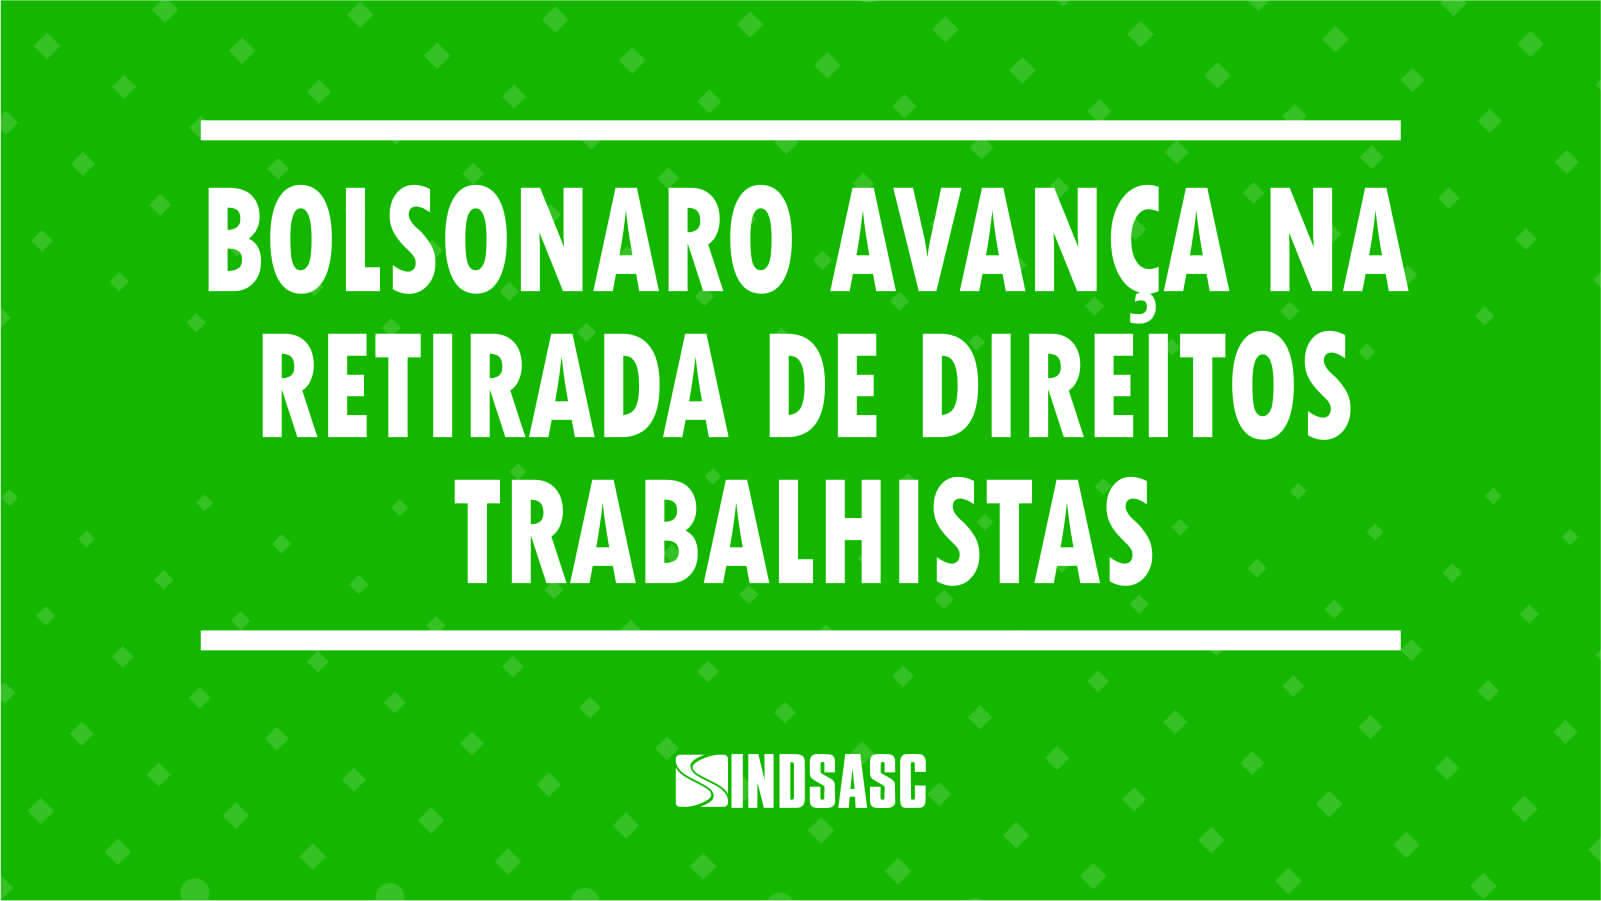 Bolsonaro avança na retirada de direitos trabalhistas